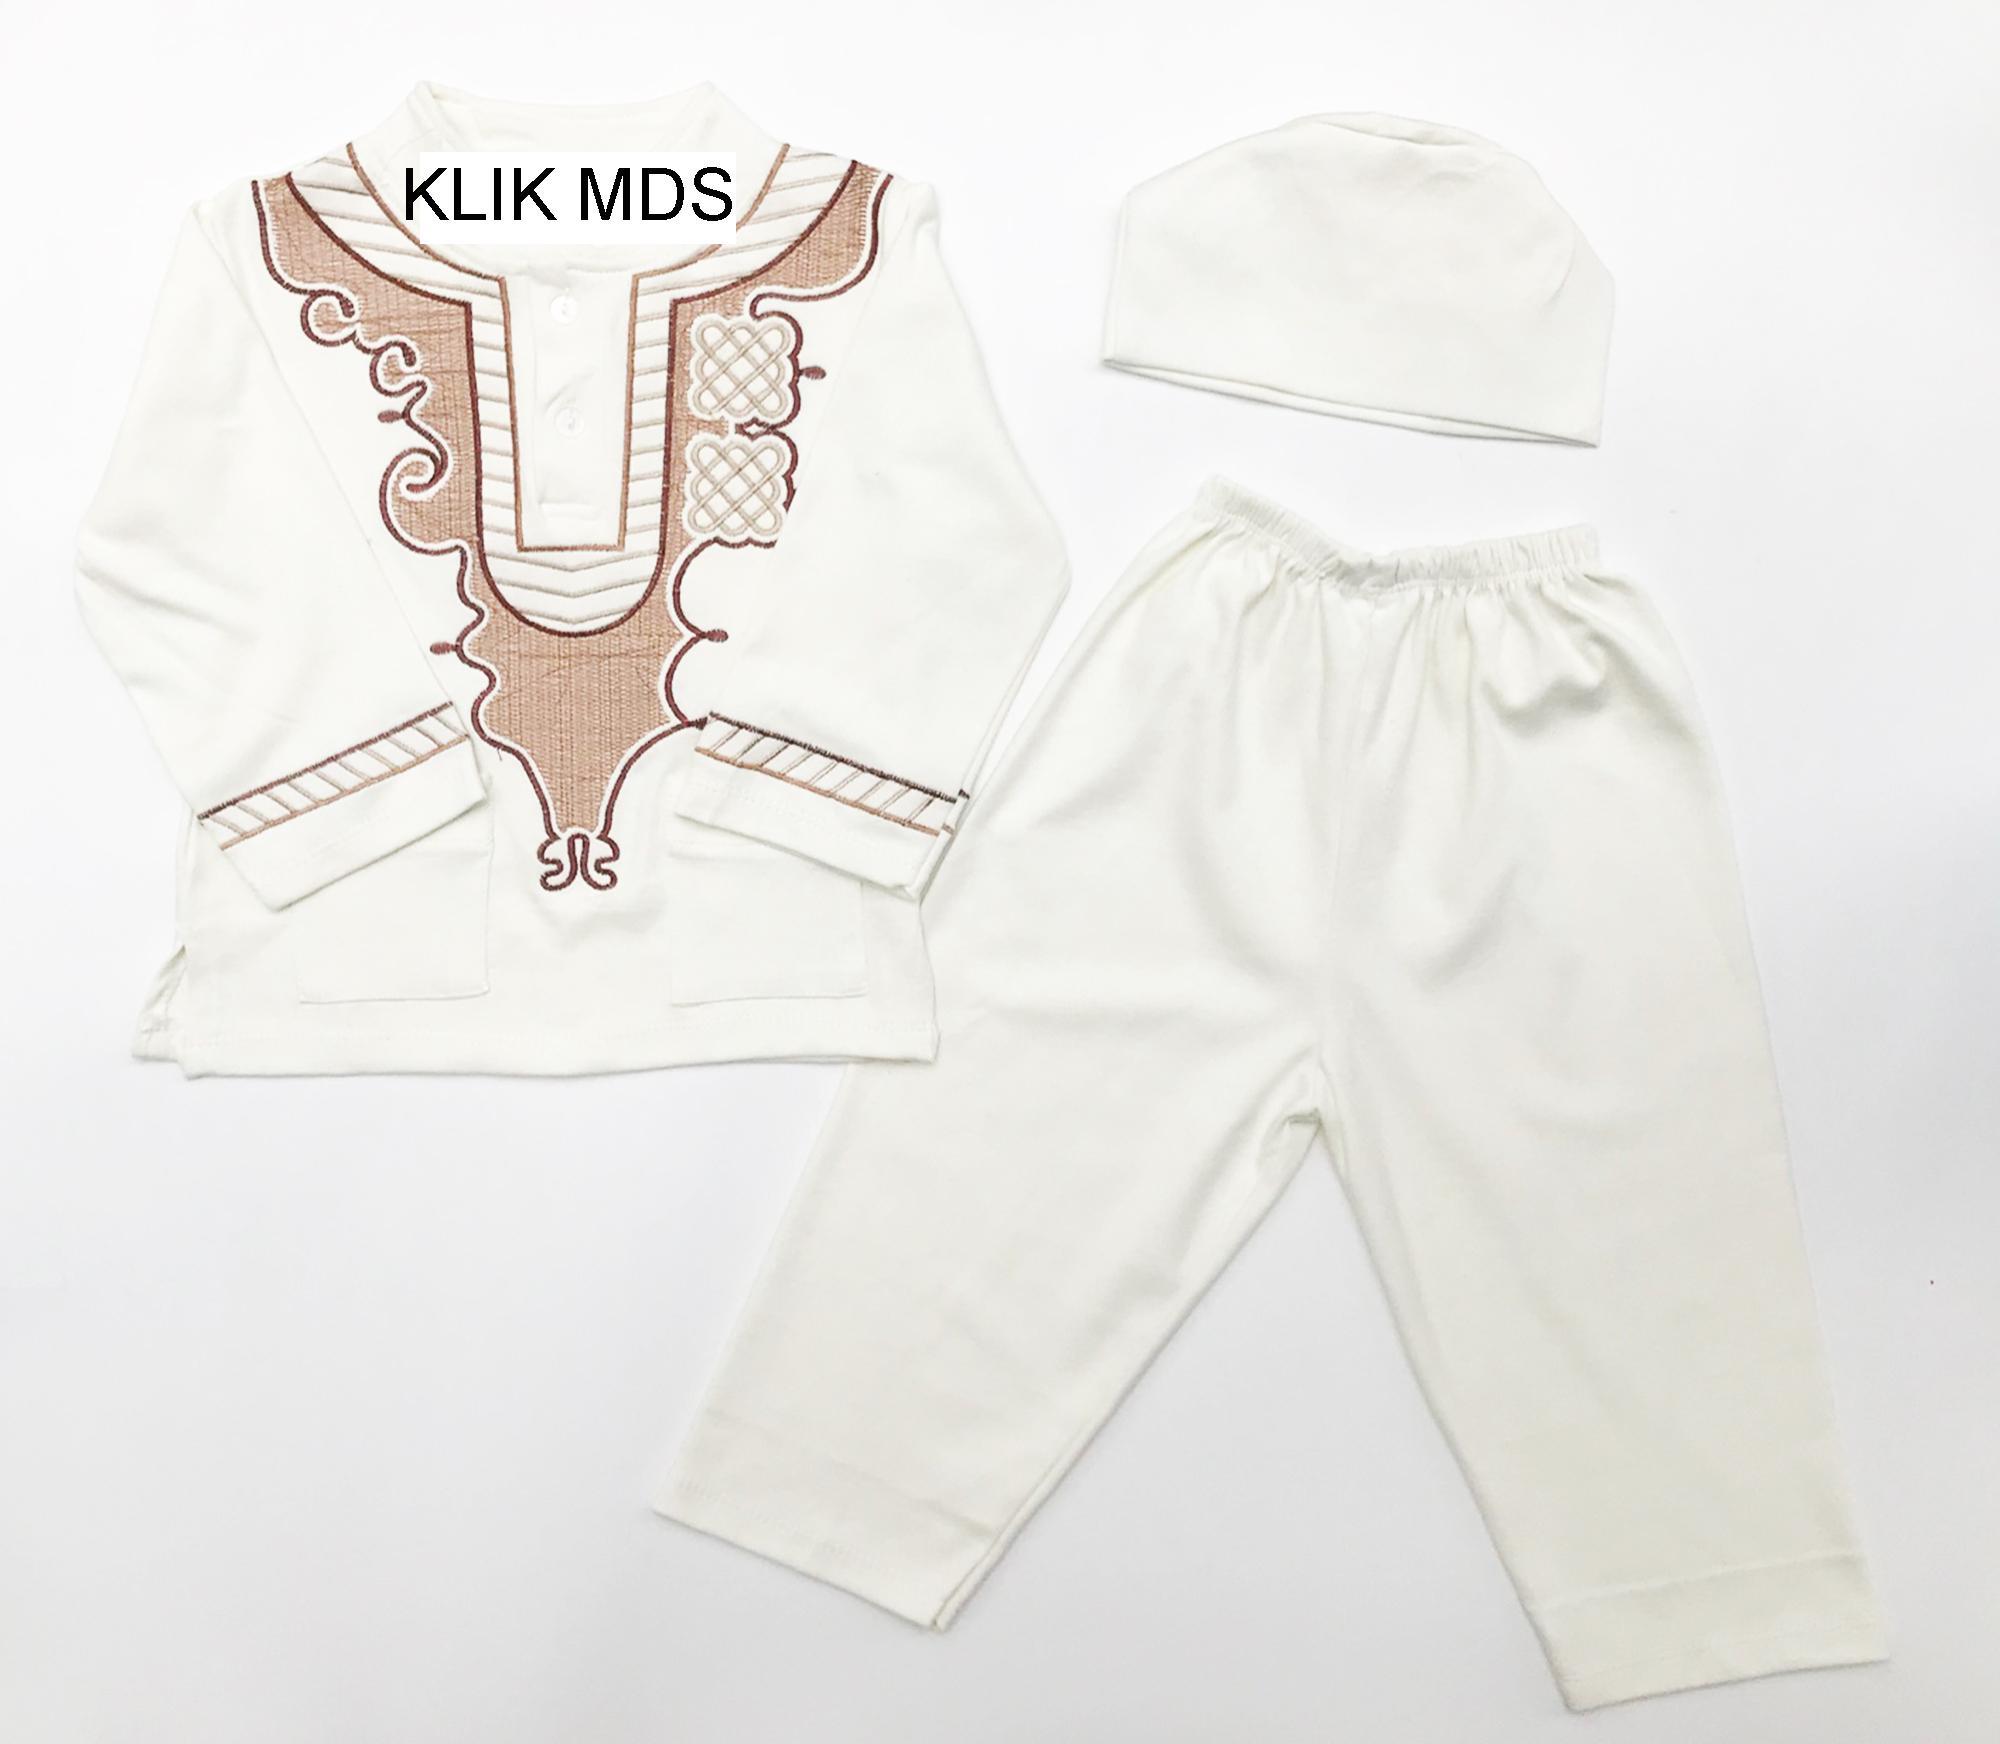 Klik Mds Baju Setelan Baju Koko Anak Lelaki Edisi Lebaran 3W dan Celana Free Topi Peci